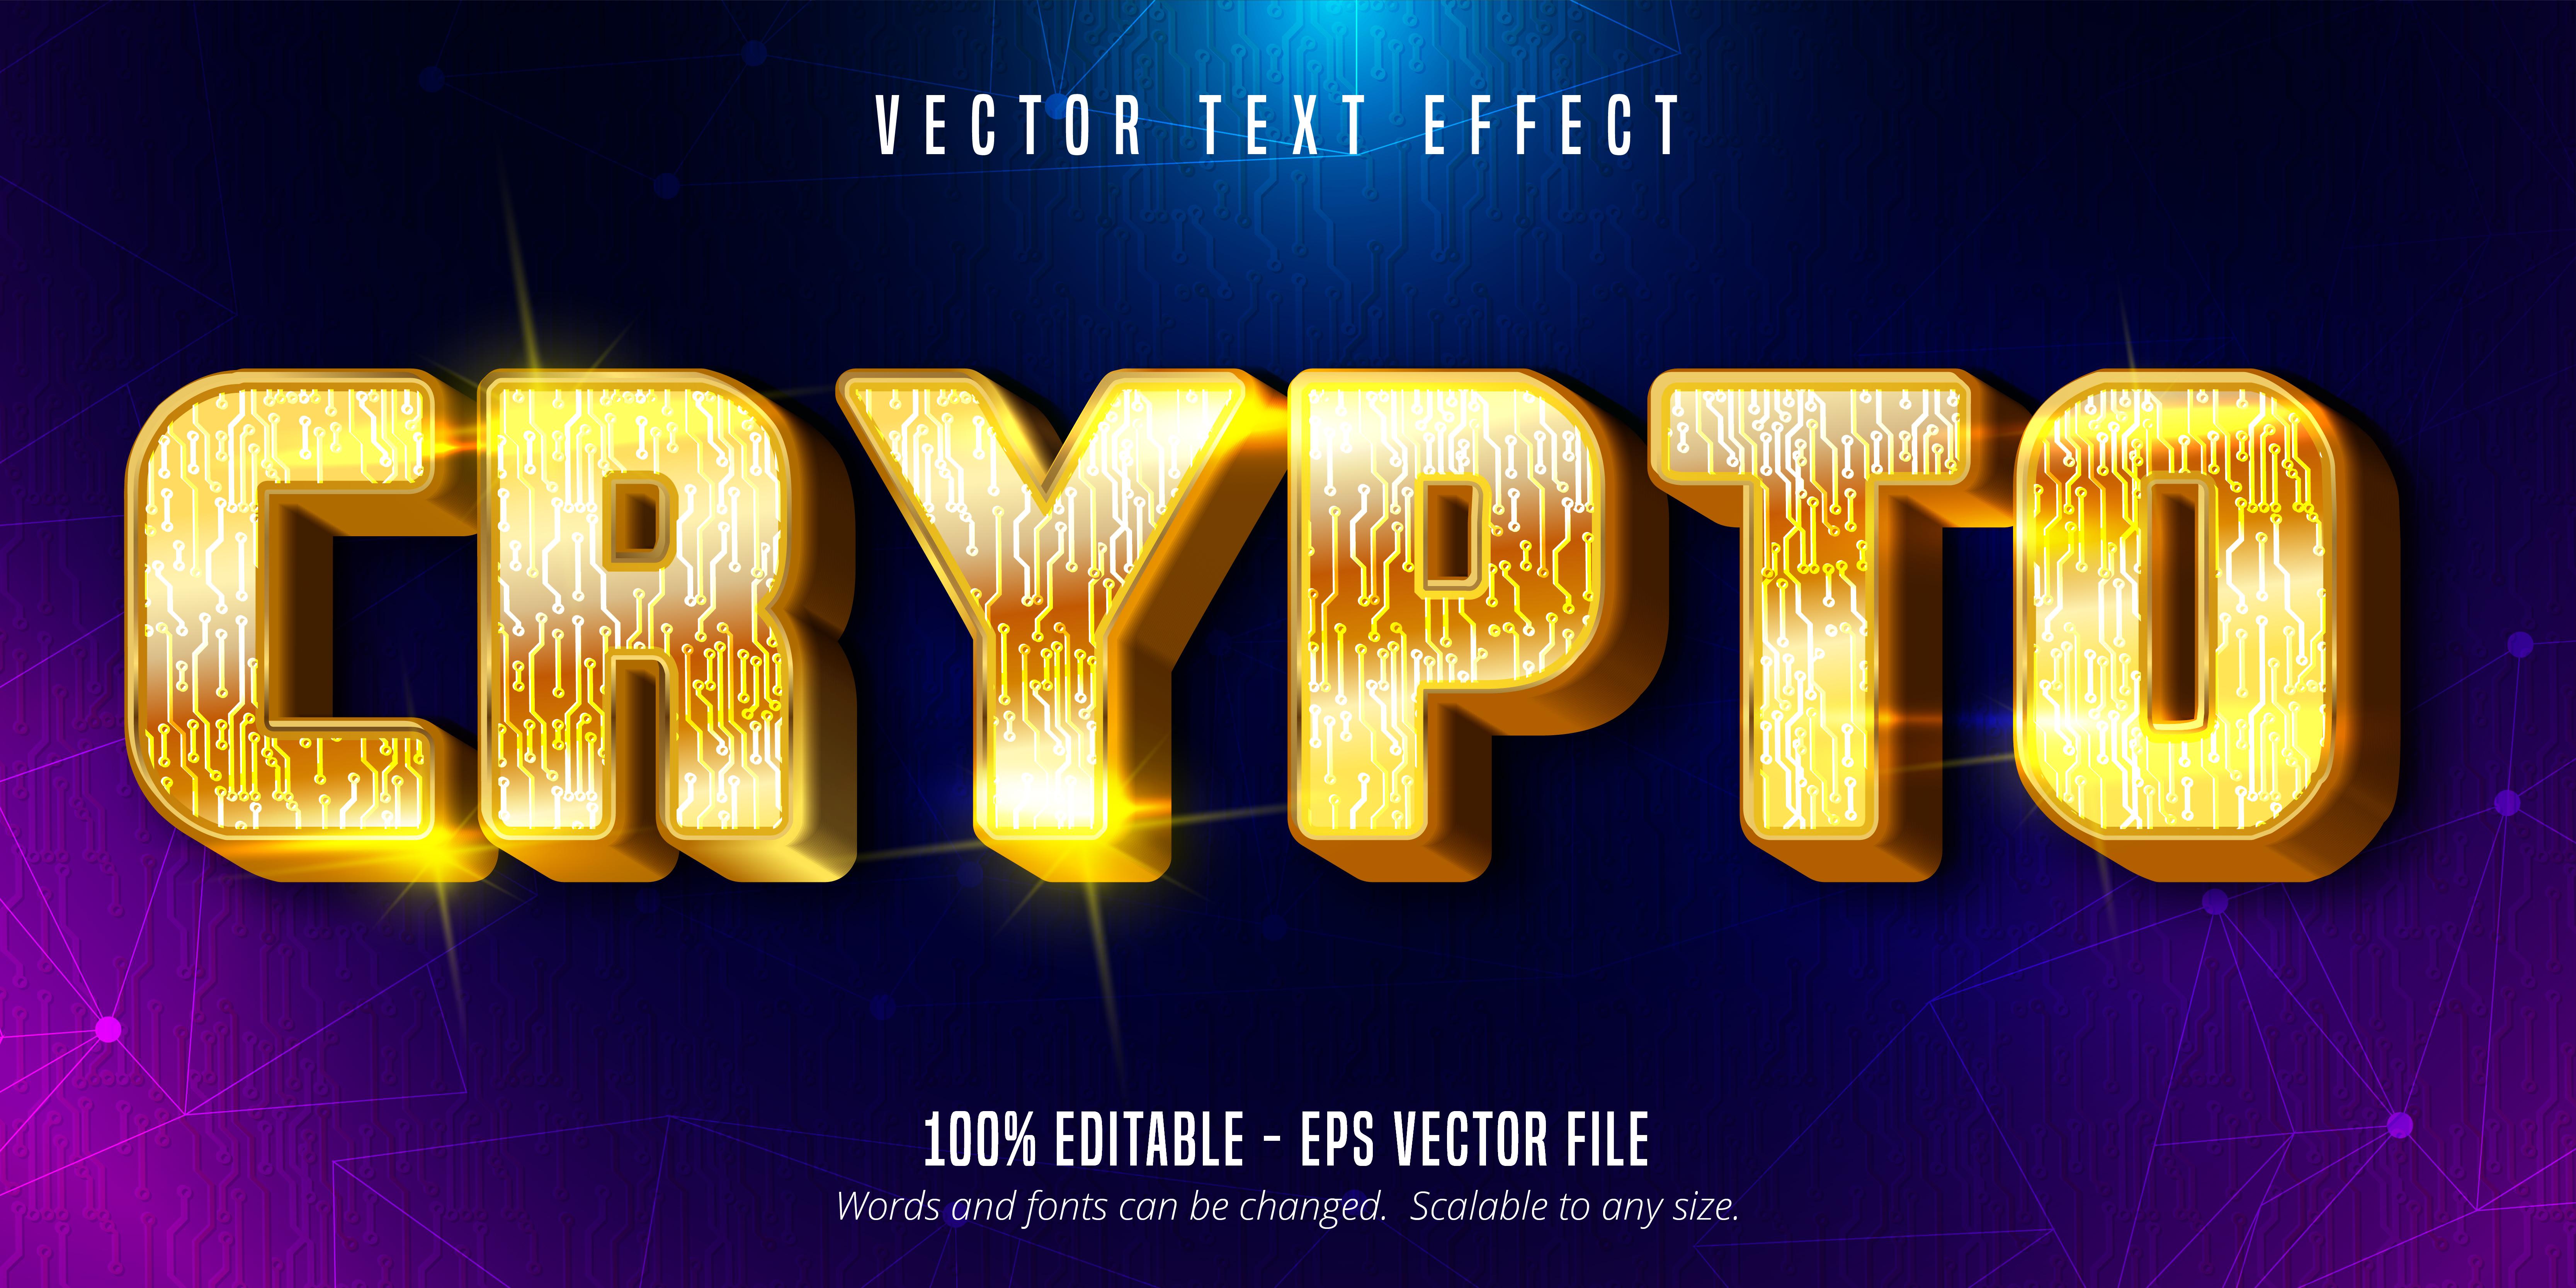 texto criptográfico, efecto de texto de estilo dorado brillante